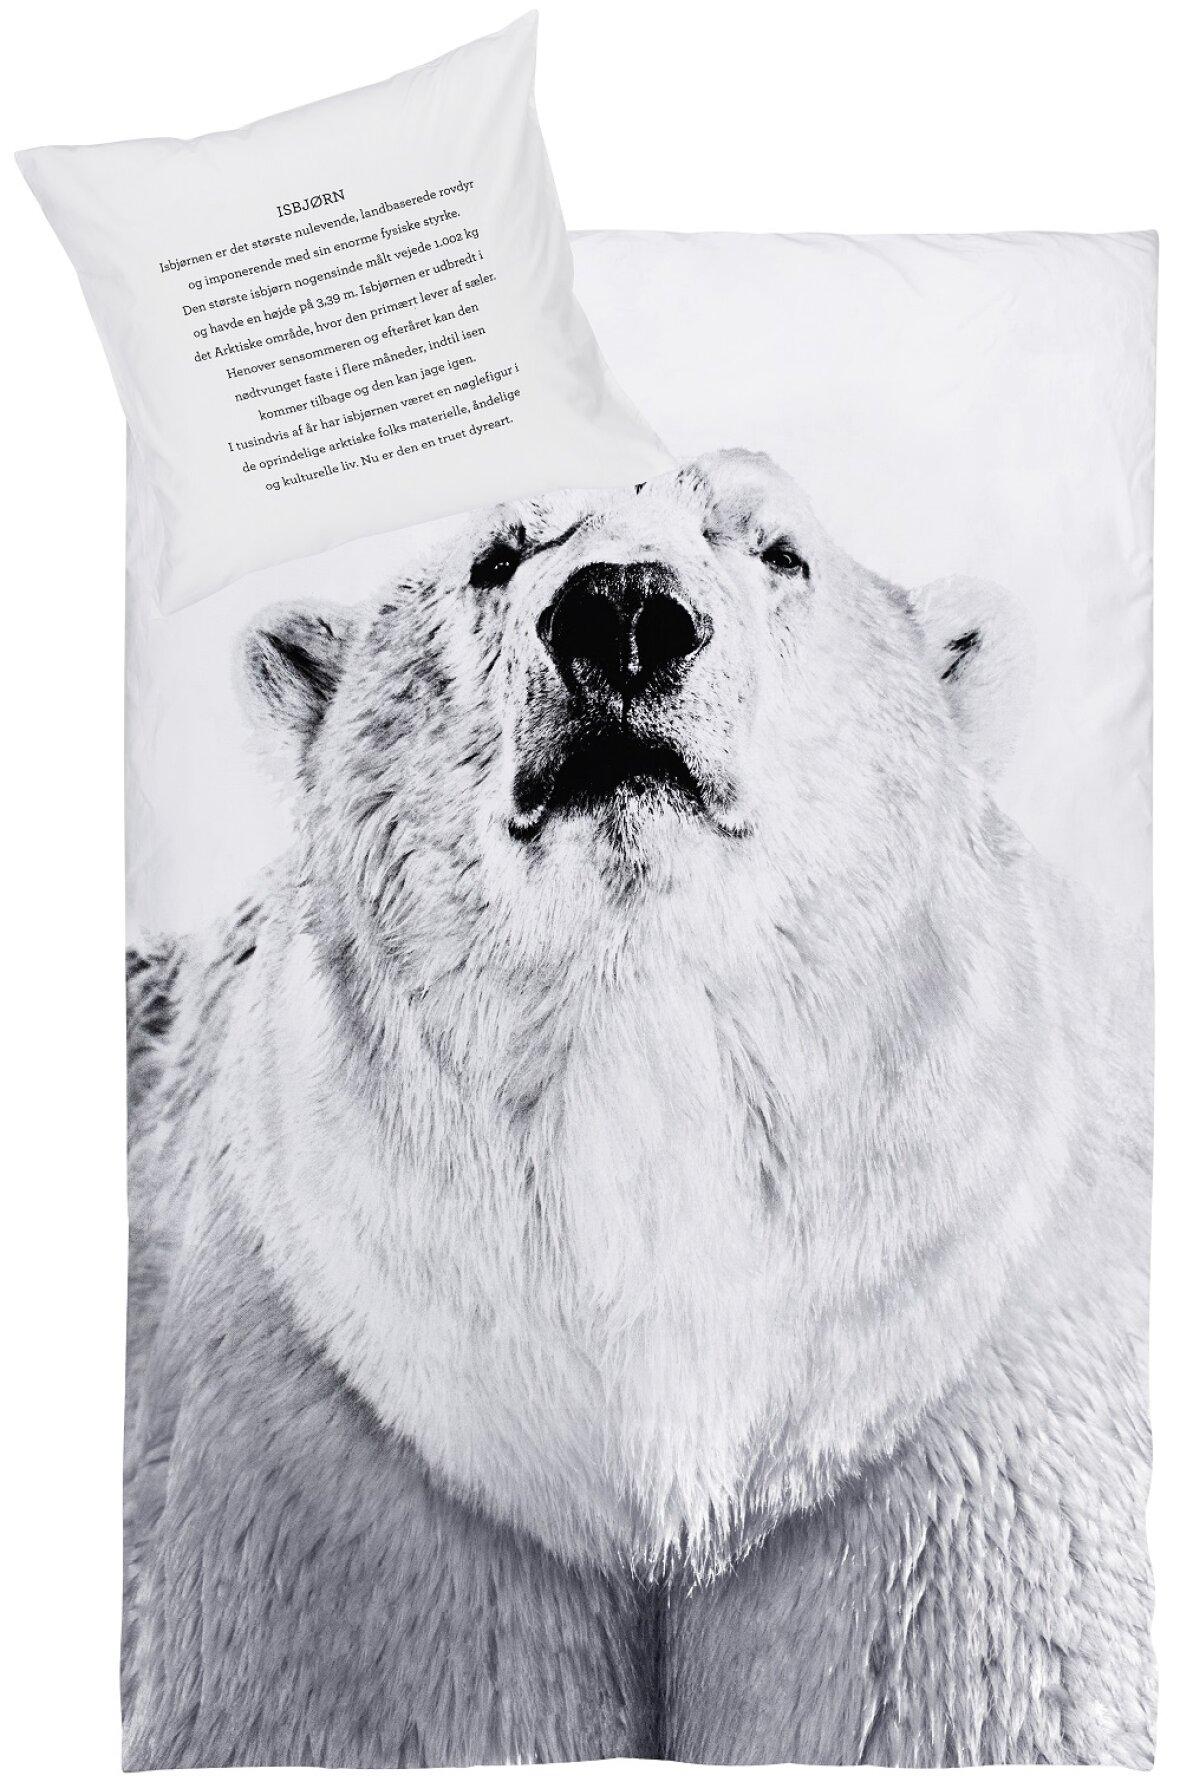 Enormt By Nord sengetøj m. isbjørn - Flot og lækkert - frit leveret i DK LT49